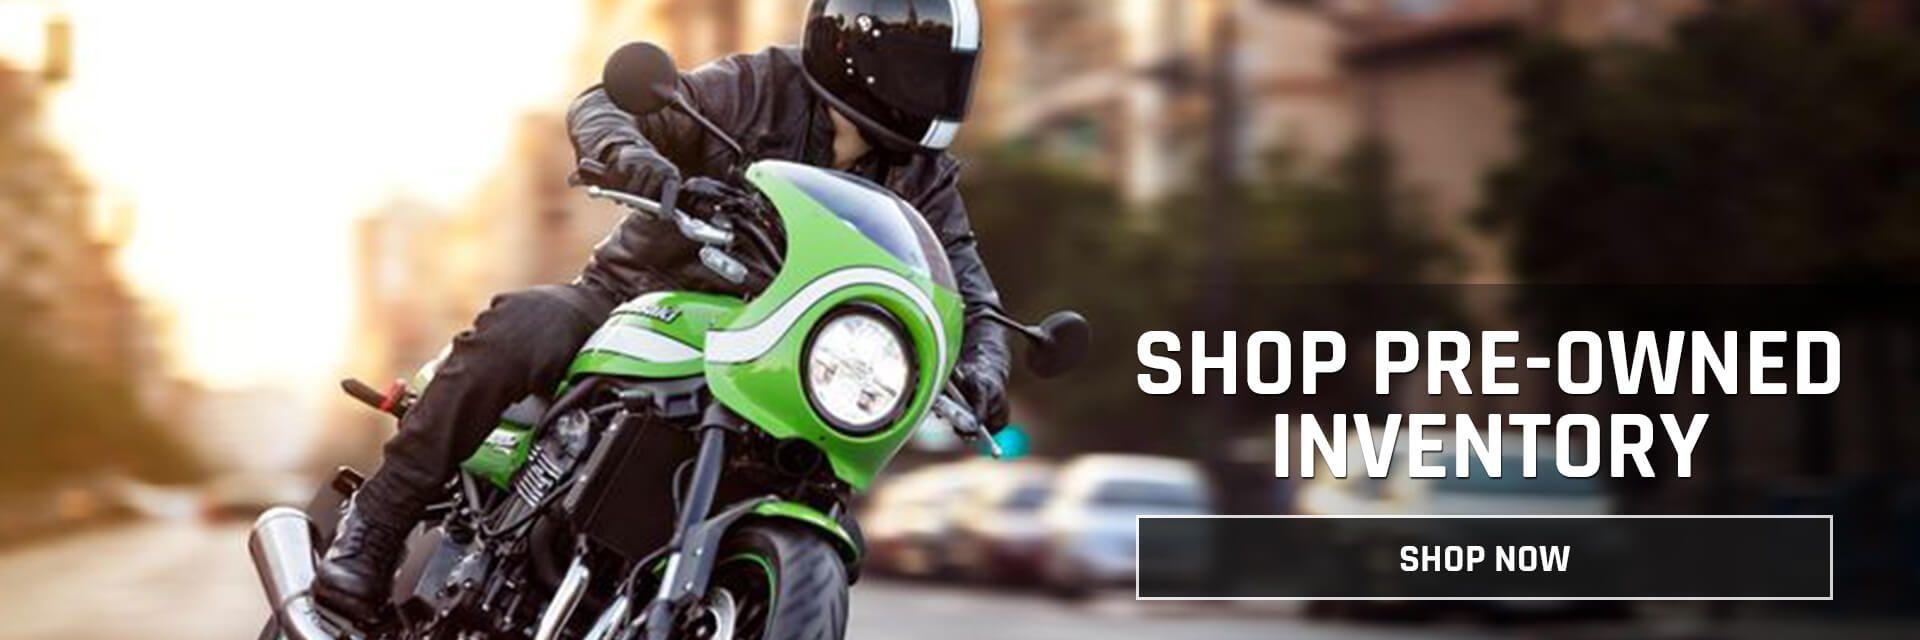 Shop Pre-Owned Inventory at JEM Motorsports Kawasaki